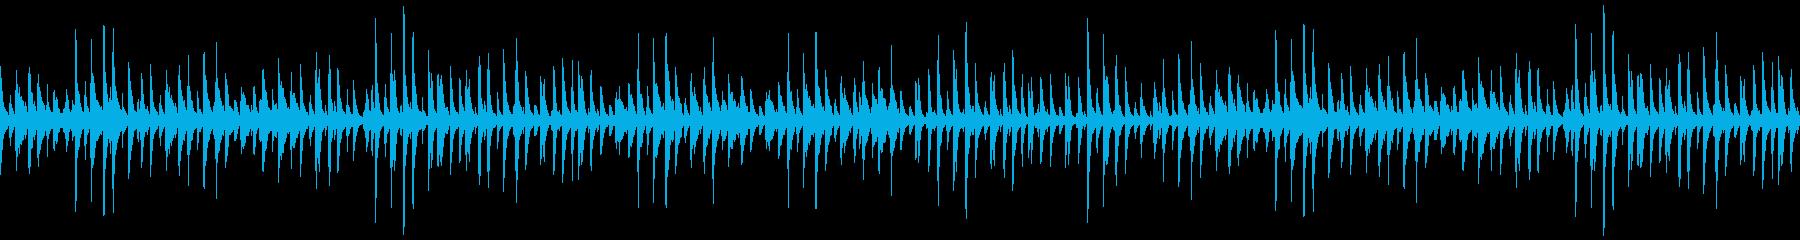 ハワイアン風なのんびりウクレレの再生済みの波形